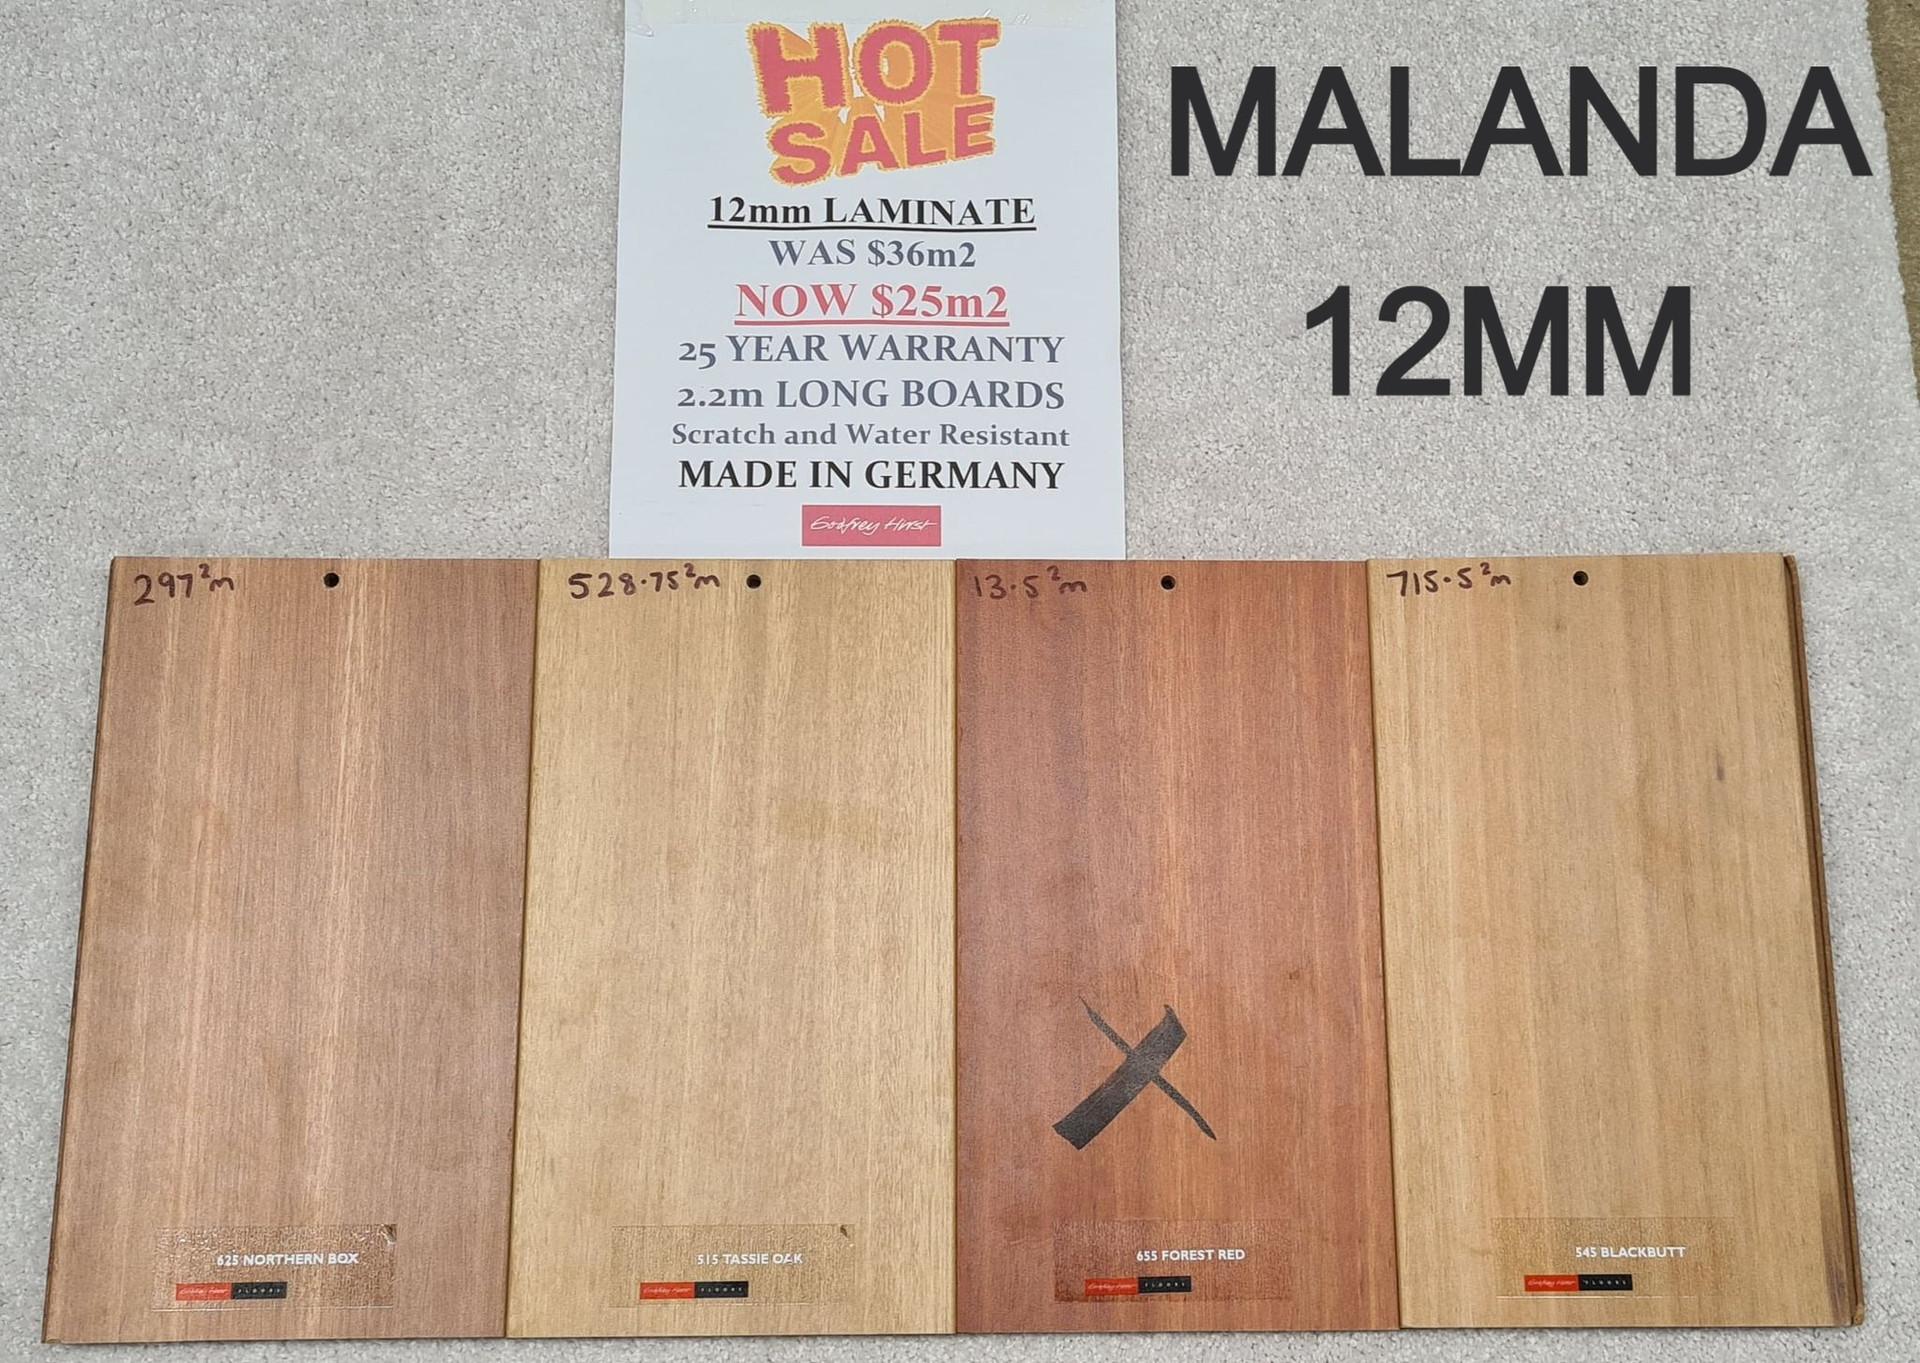 MALANDA 12MM 2.2 LONGBOARD LAMINATE